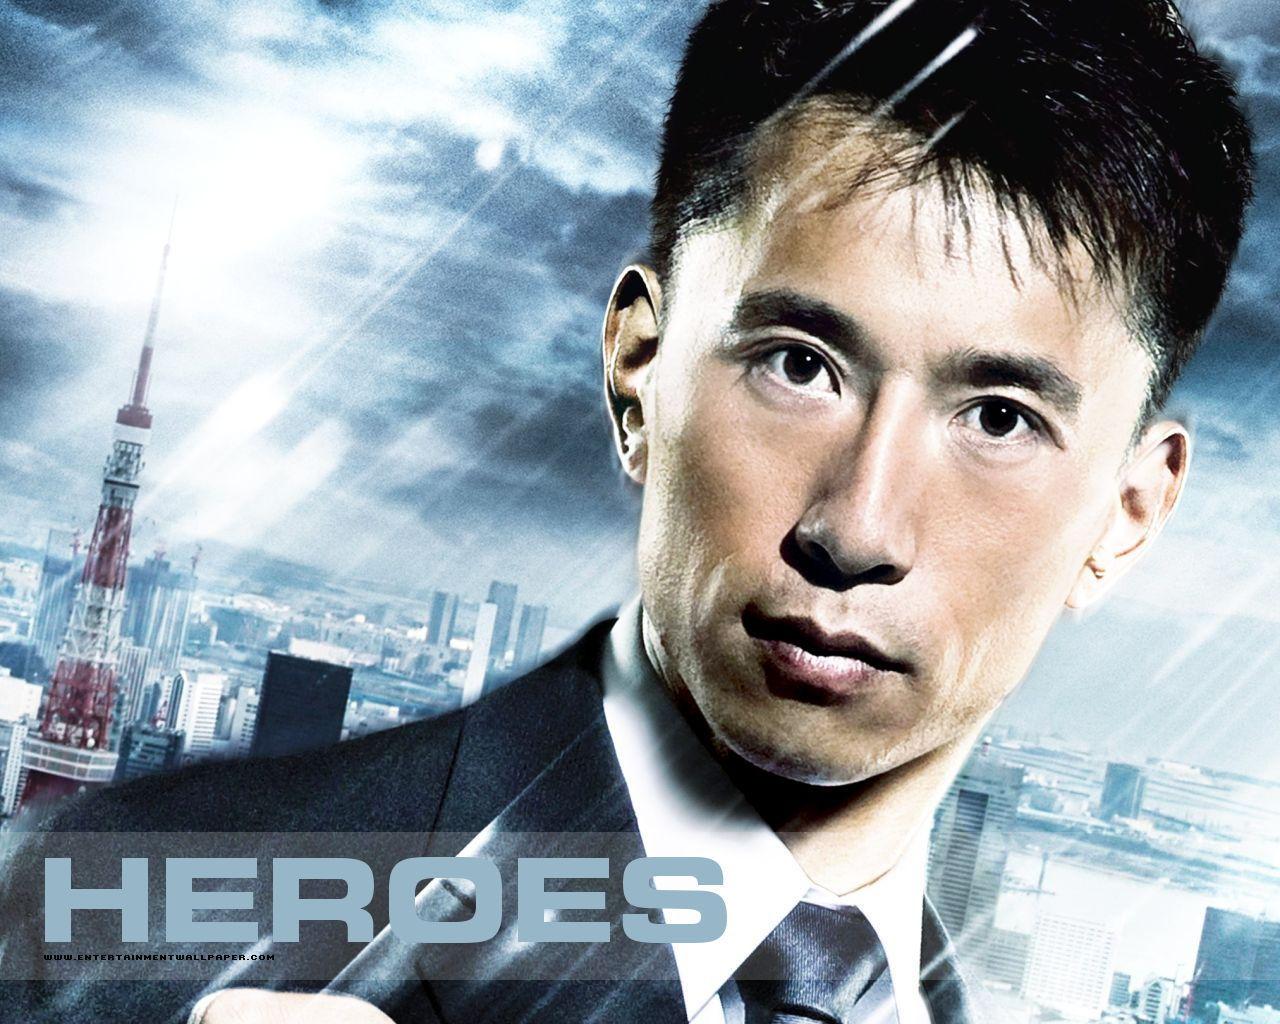 heroes s3 wallpaper - photo #36